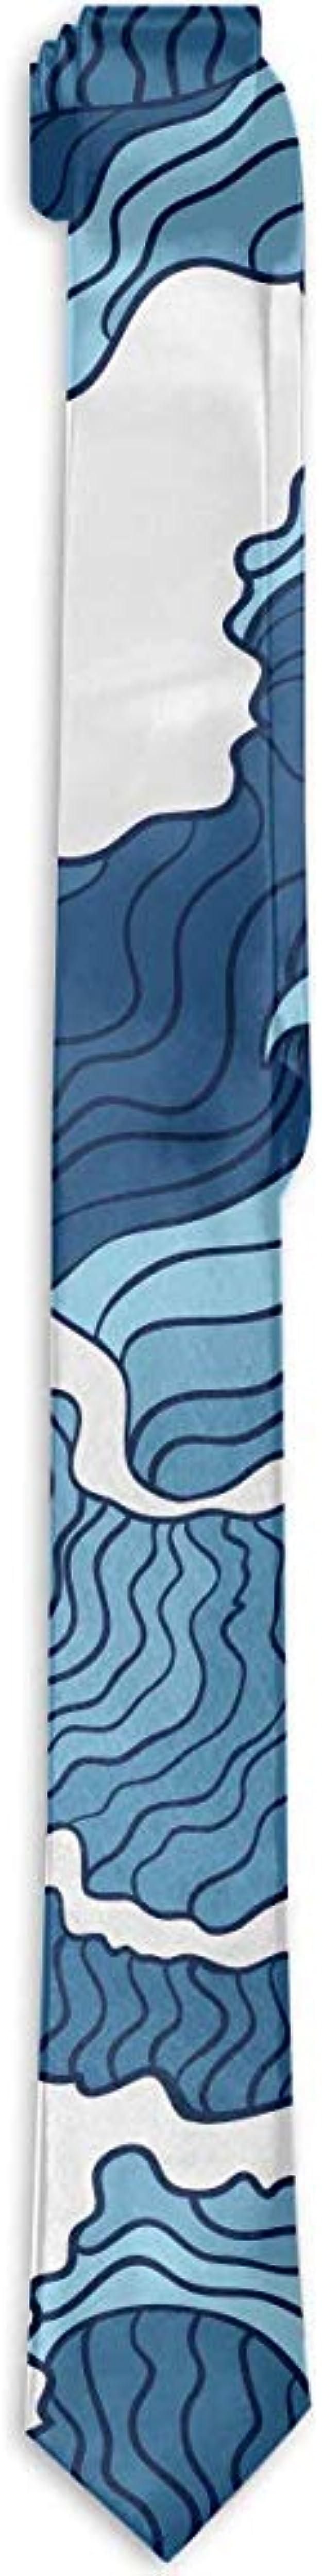 Sherly Yard Corbata de hombre con lazo japonés azul y blanco ...